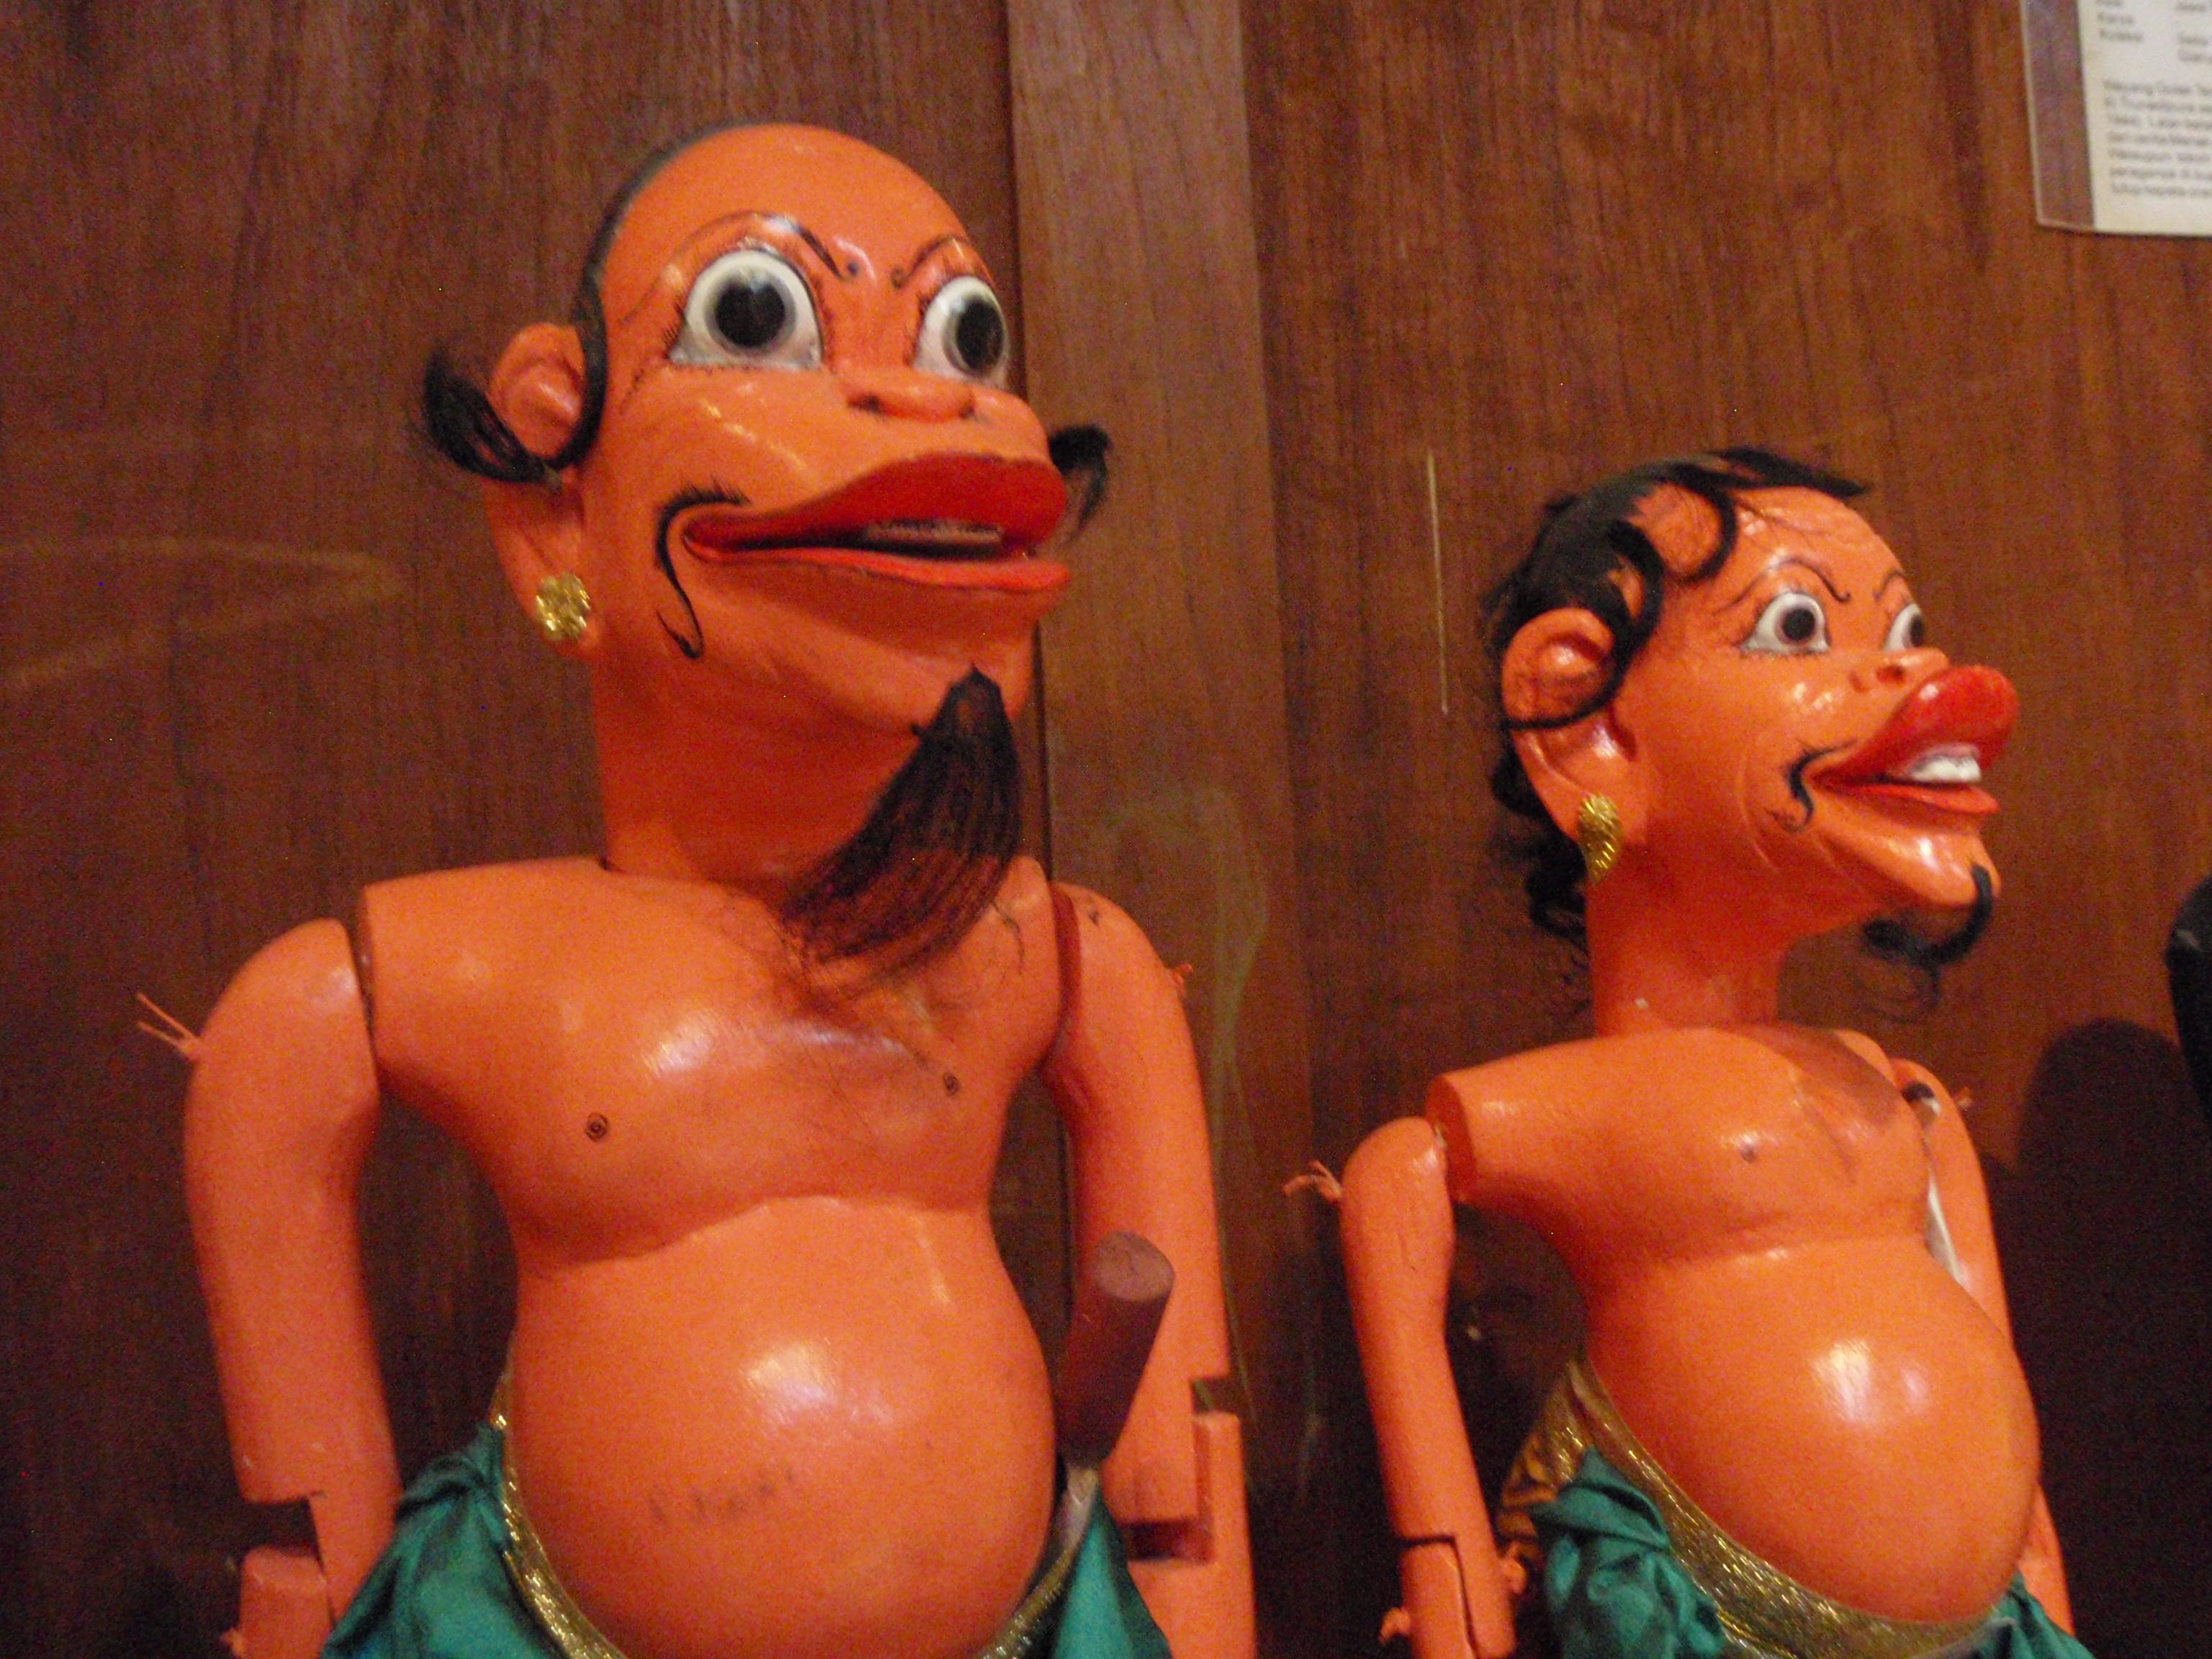 Togog et Bilung (clown-compagnons de la « Gauche »), wayang golek tengul-jatim, des histoires du cycle menak basées sur les légendes arabes d'Amir Hamzah (Java central). Marionnettes à tiges. Collection : Setia Darma House of Masks and Puppets, Gianyar, Bali, Indonésie.